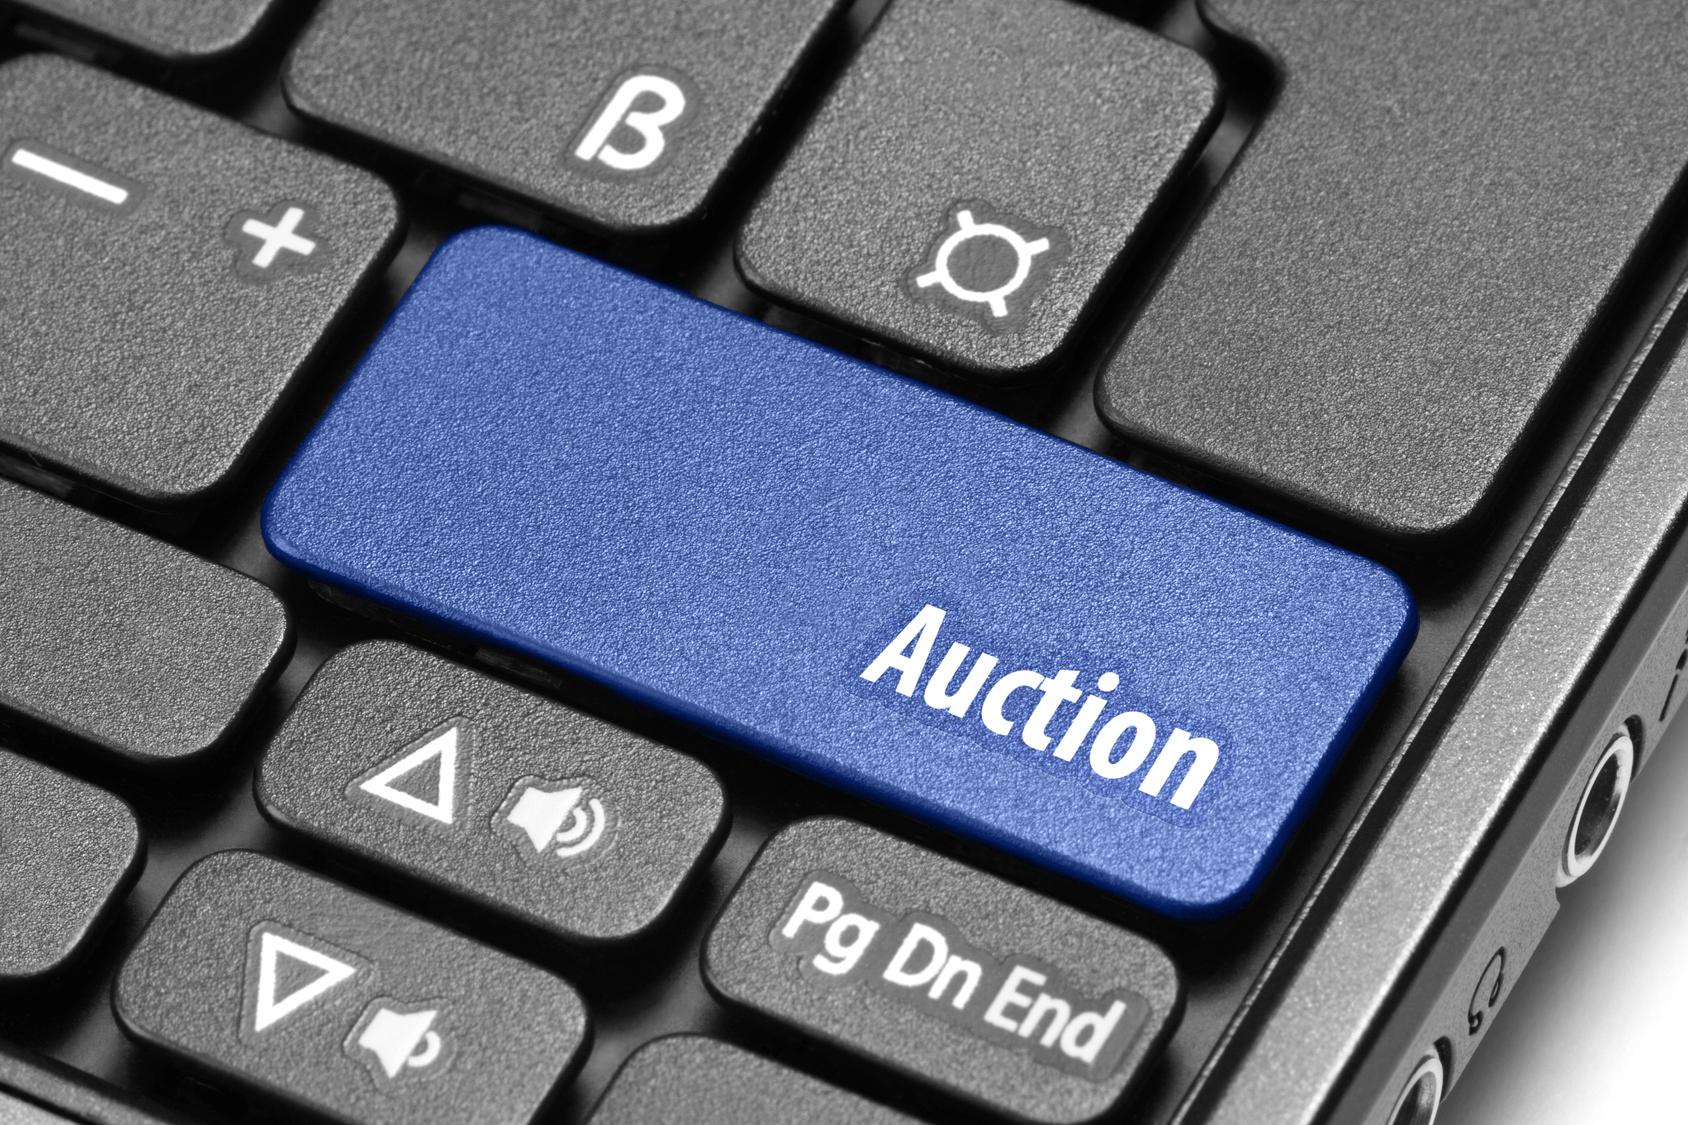 Jak Zrobic Stworzyc Szablon Allegro Sprzedaje W Necie Blog O Tematyce E Commerce I Handlu W Internecie